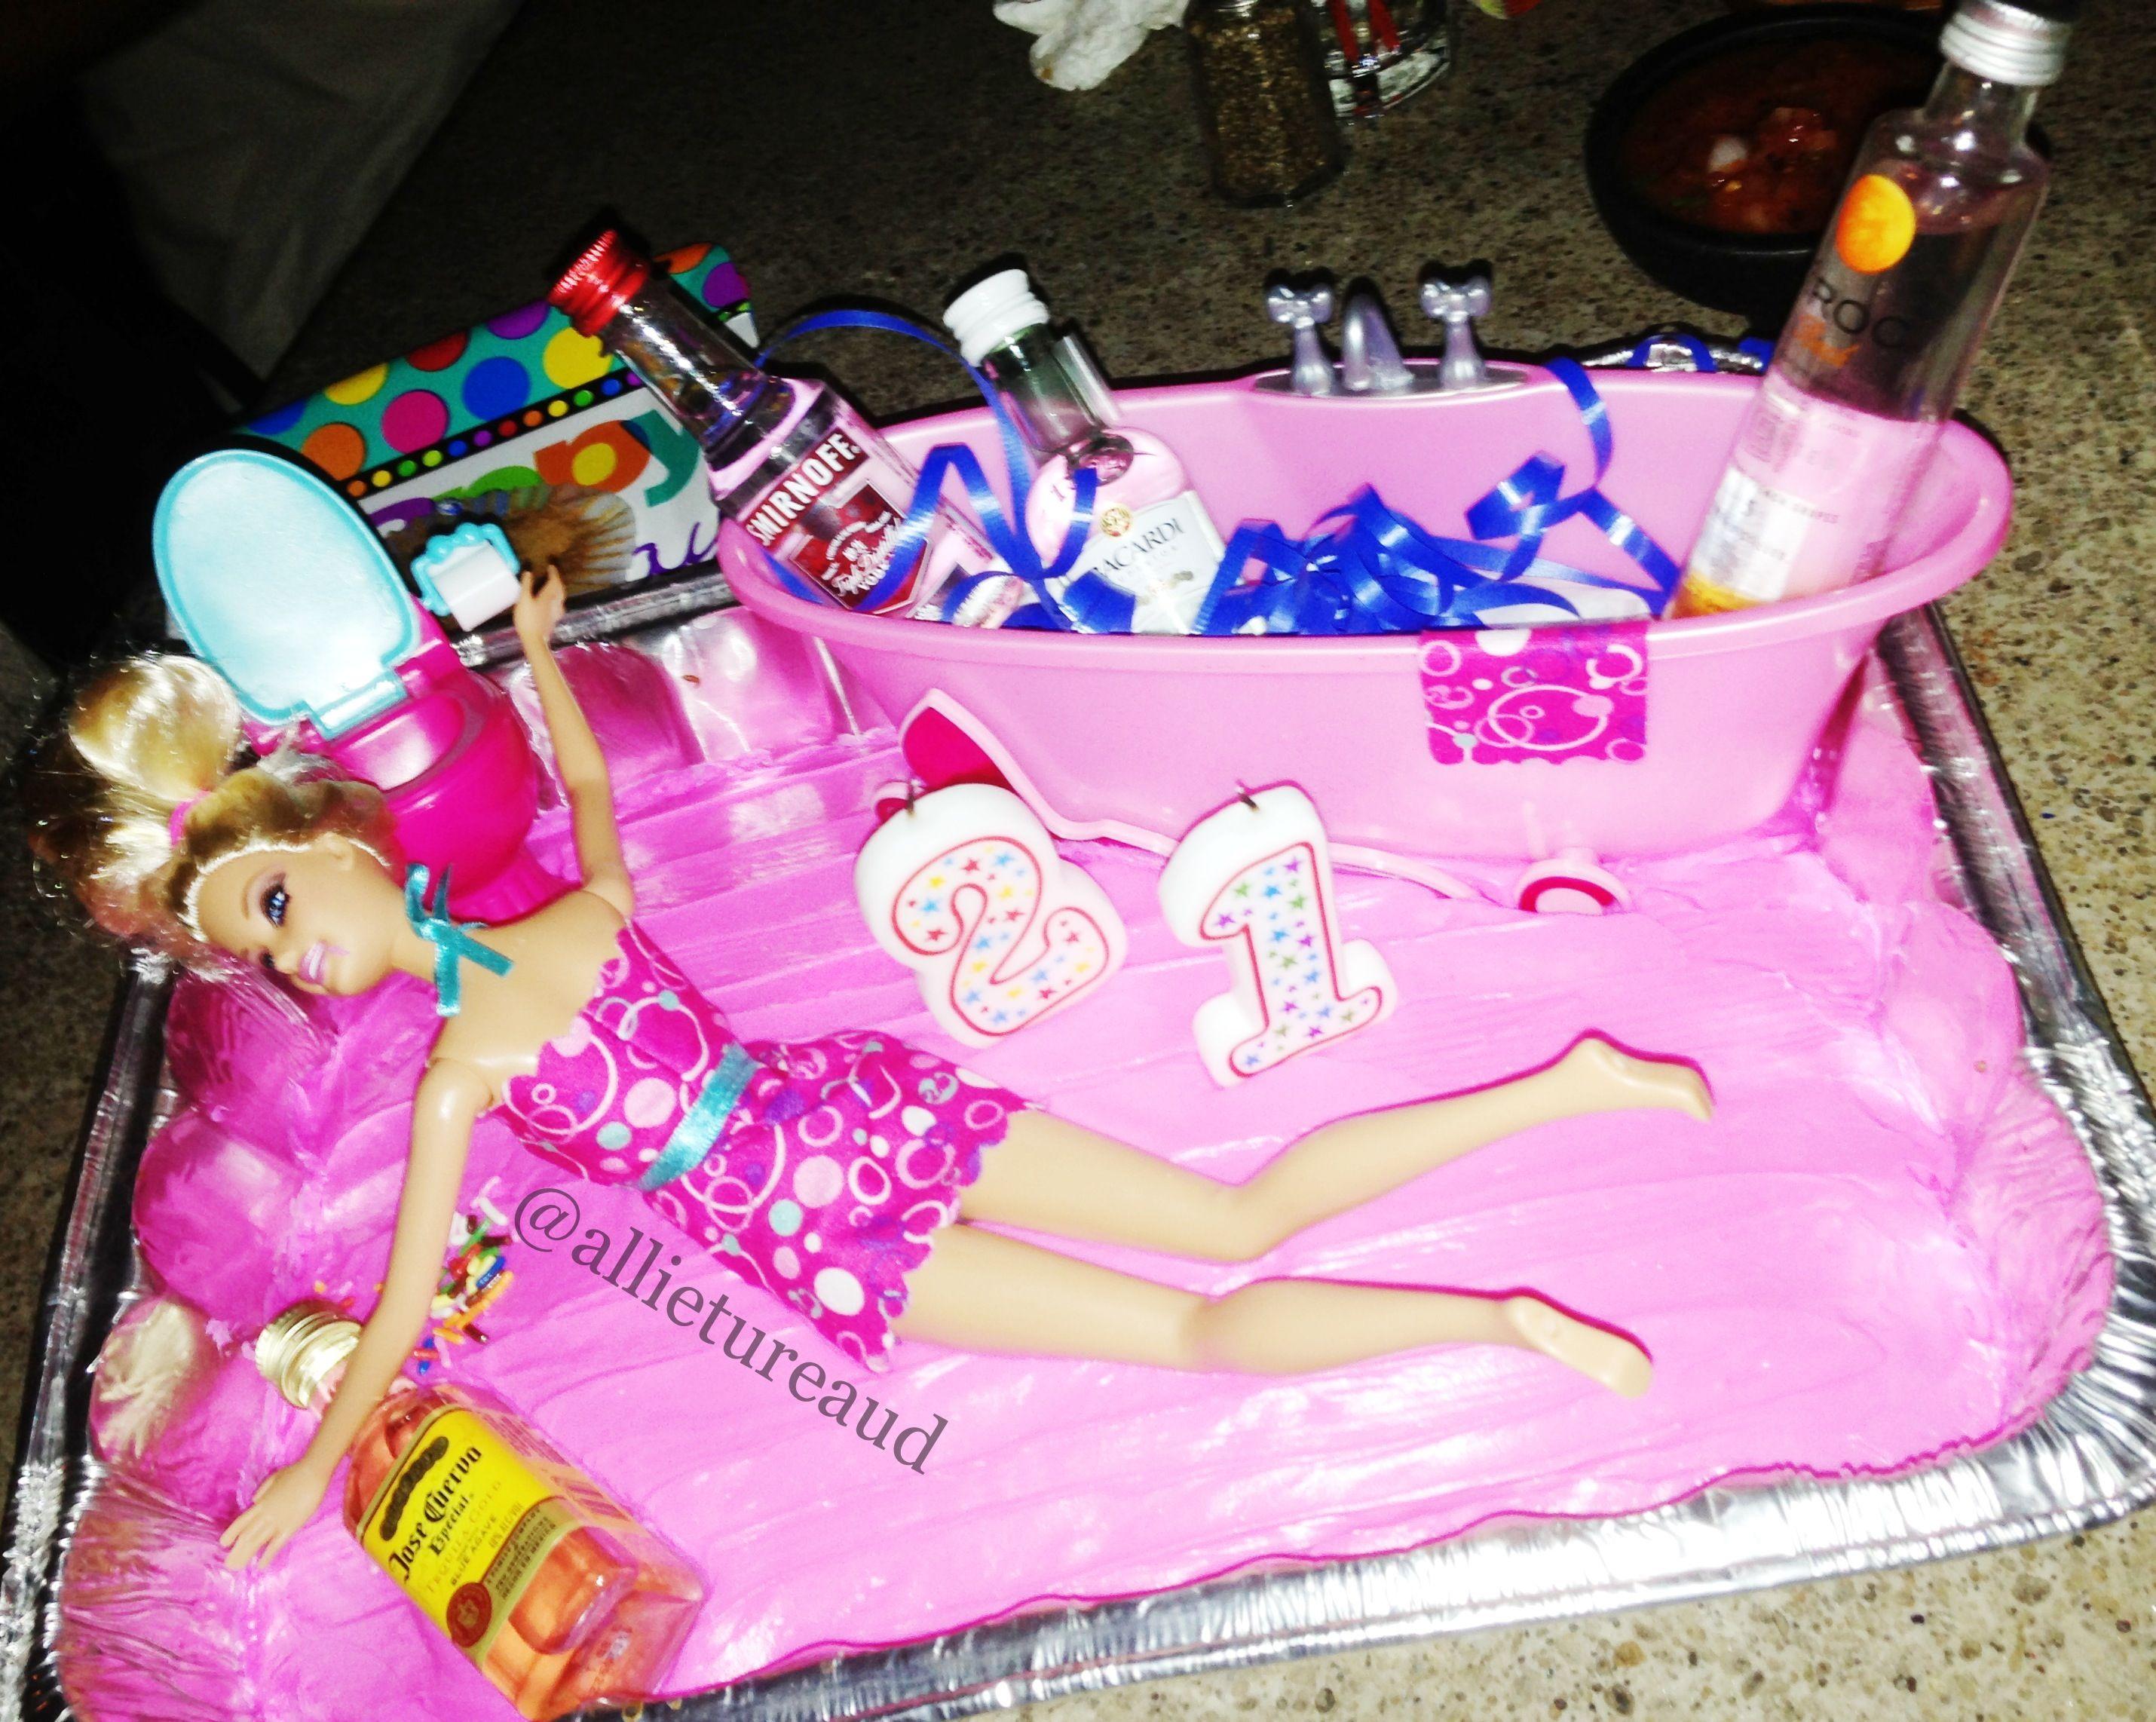 Cake I Made Drunk Barbie White Girl Wasted Wgw Drunk 21 Barbie